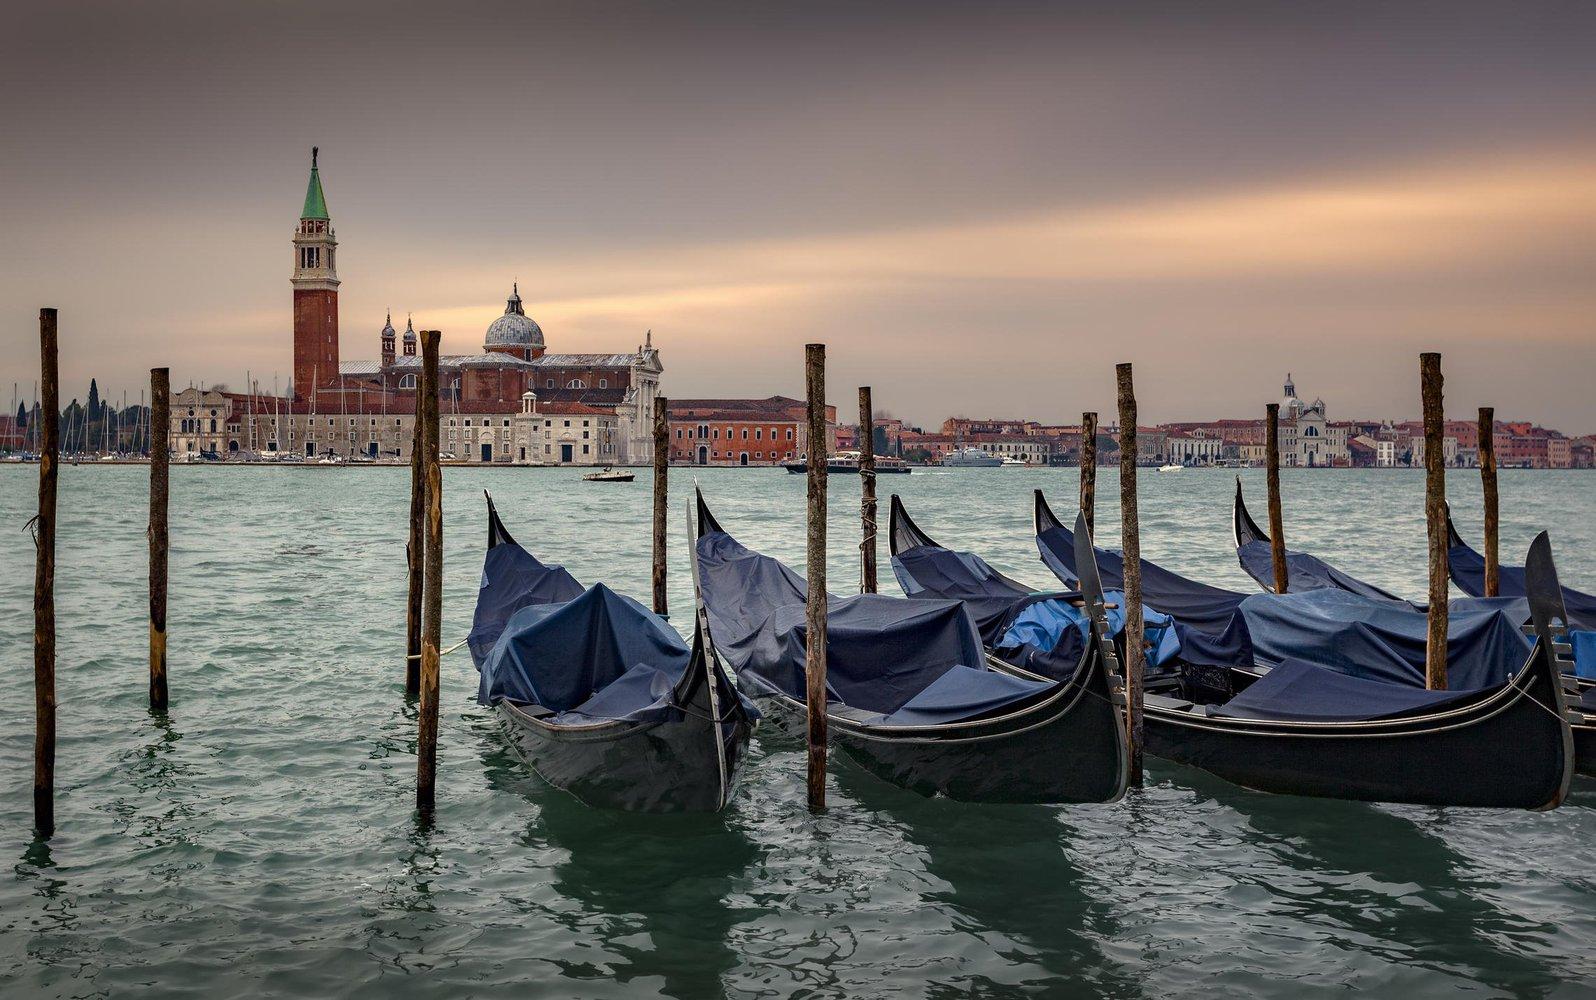 Карантин у Венеції: вода у каналах стала прозорою, з'явилася риба і прилетіли лебеді - коронавірус, карантин, Італія - 20 venetsyya